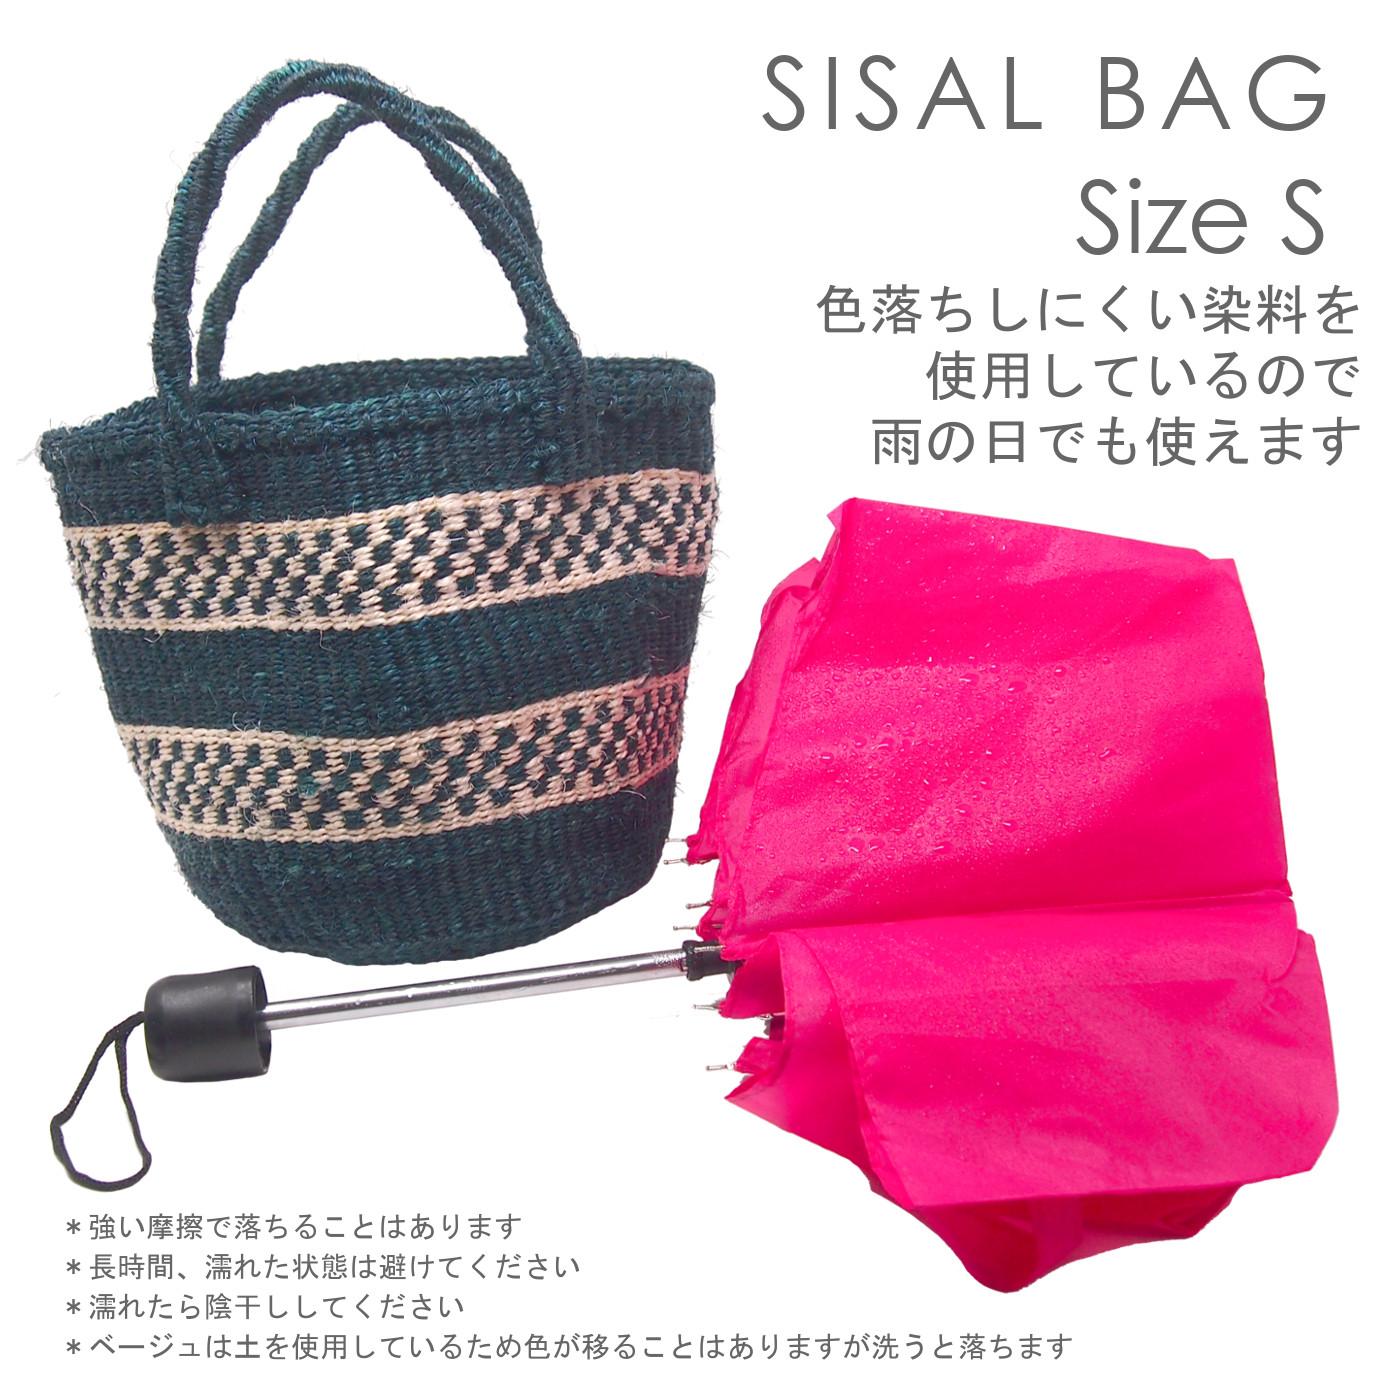 サイザルバッグ Sサイズ マーブル ピンク・ナチュラル